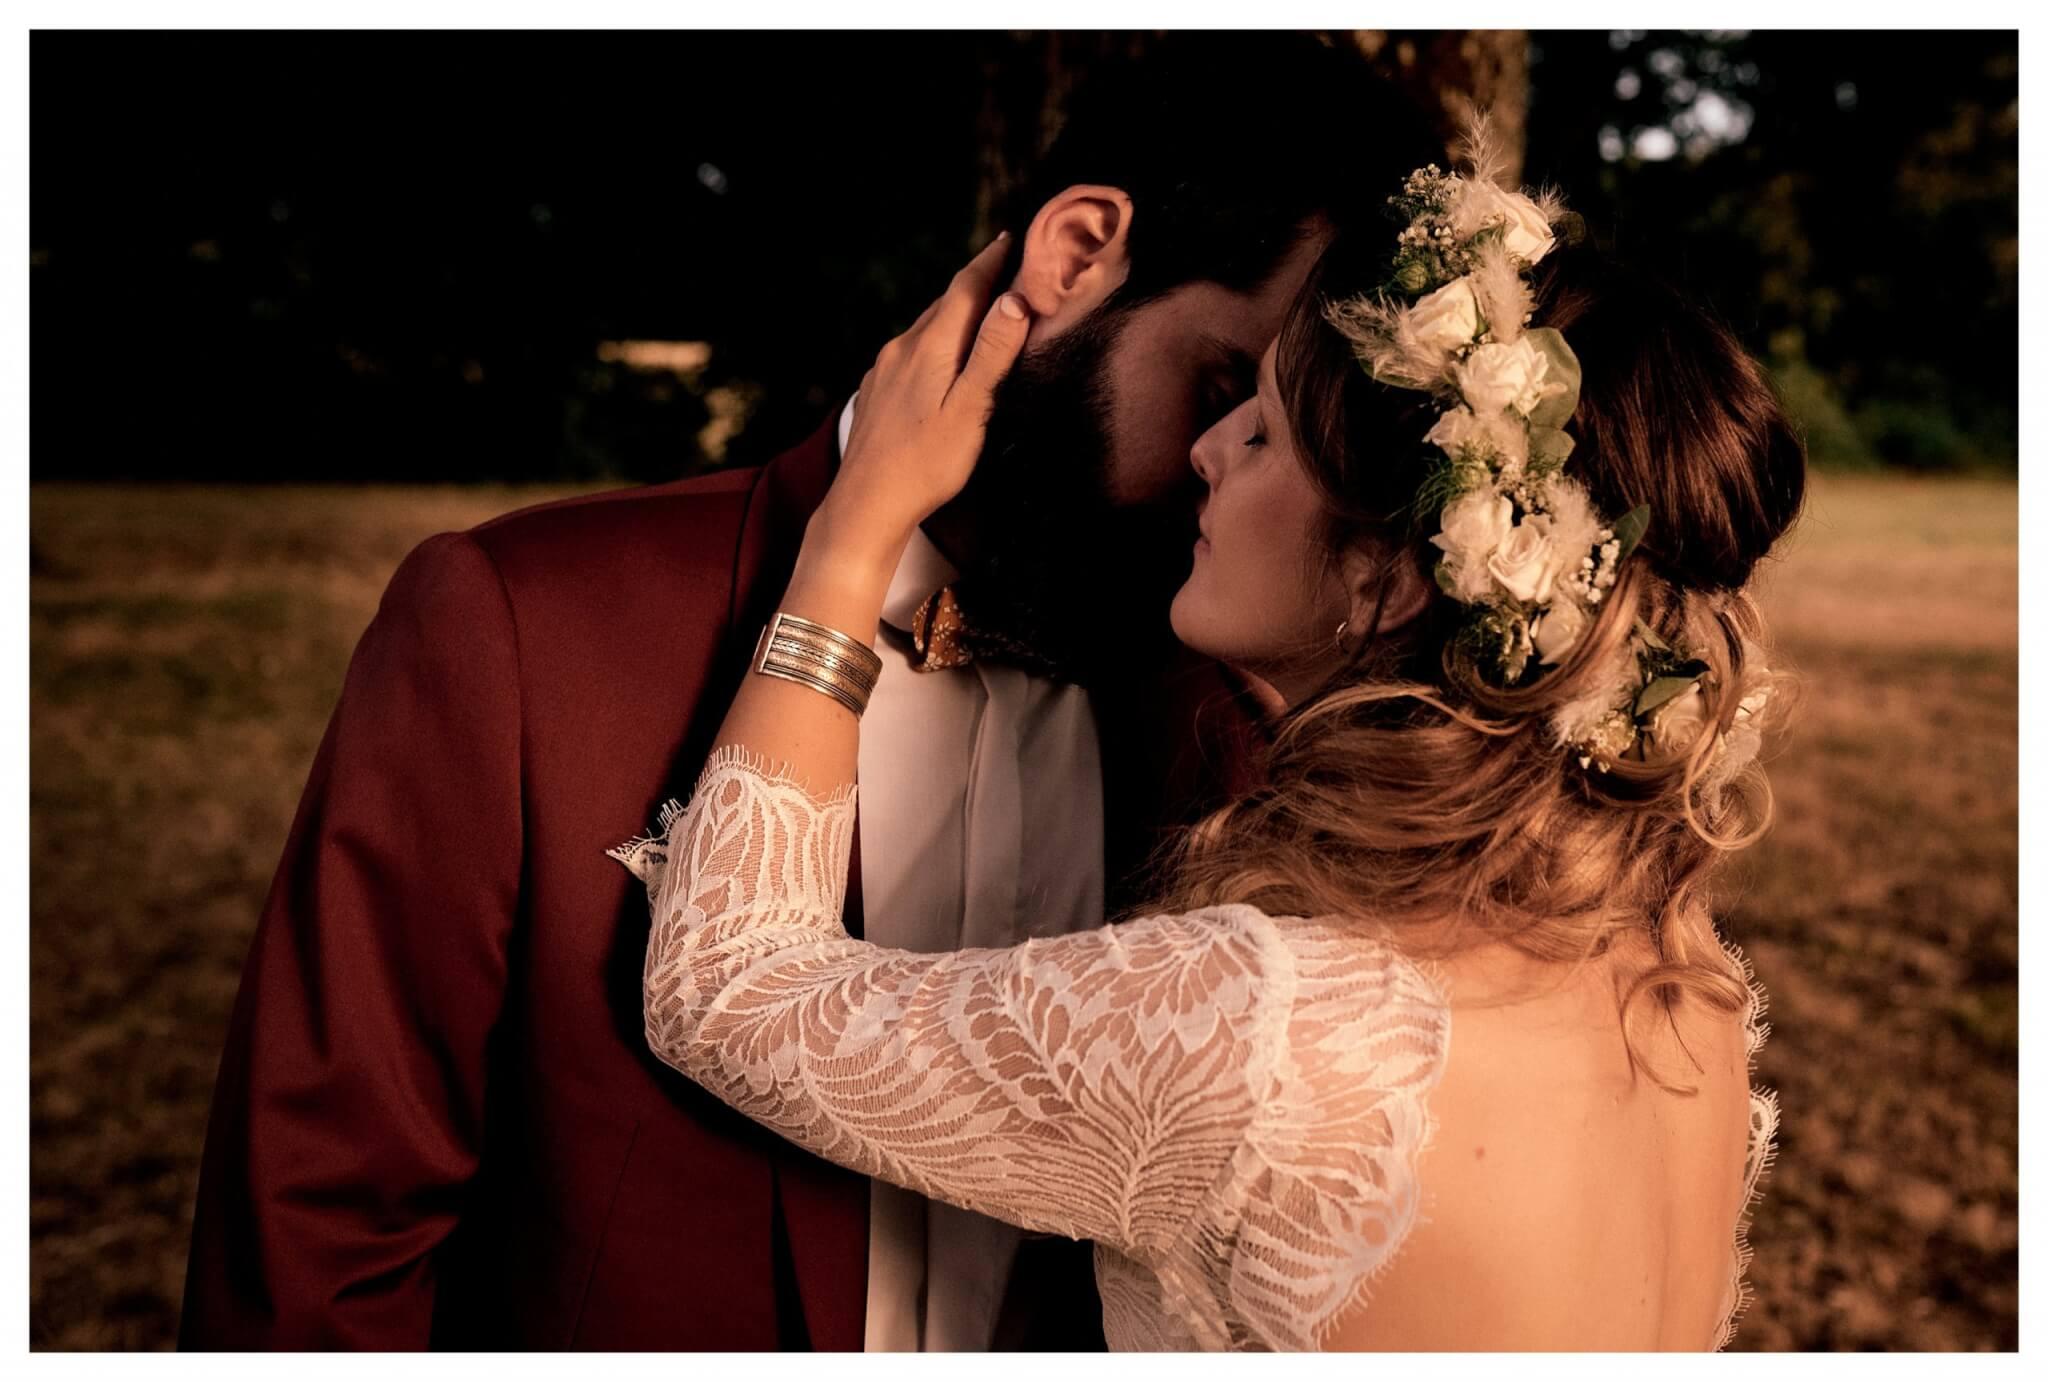 Séance couple de photographie de mariage à Paris| Photographe Mariage PARIS - QUEIGNEC PHOTOGRAPHE